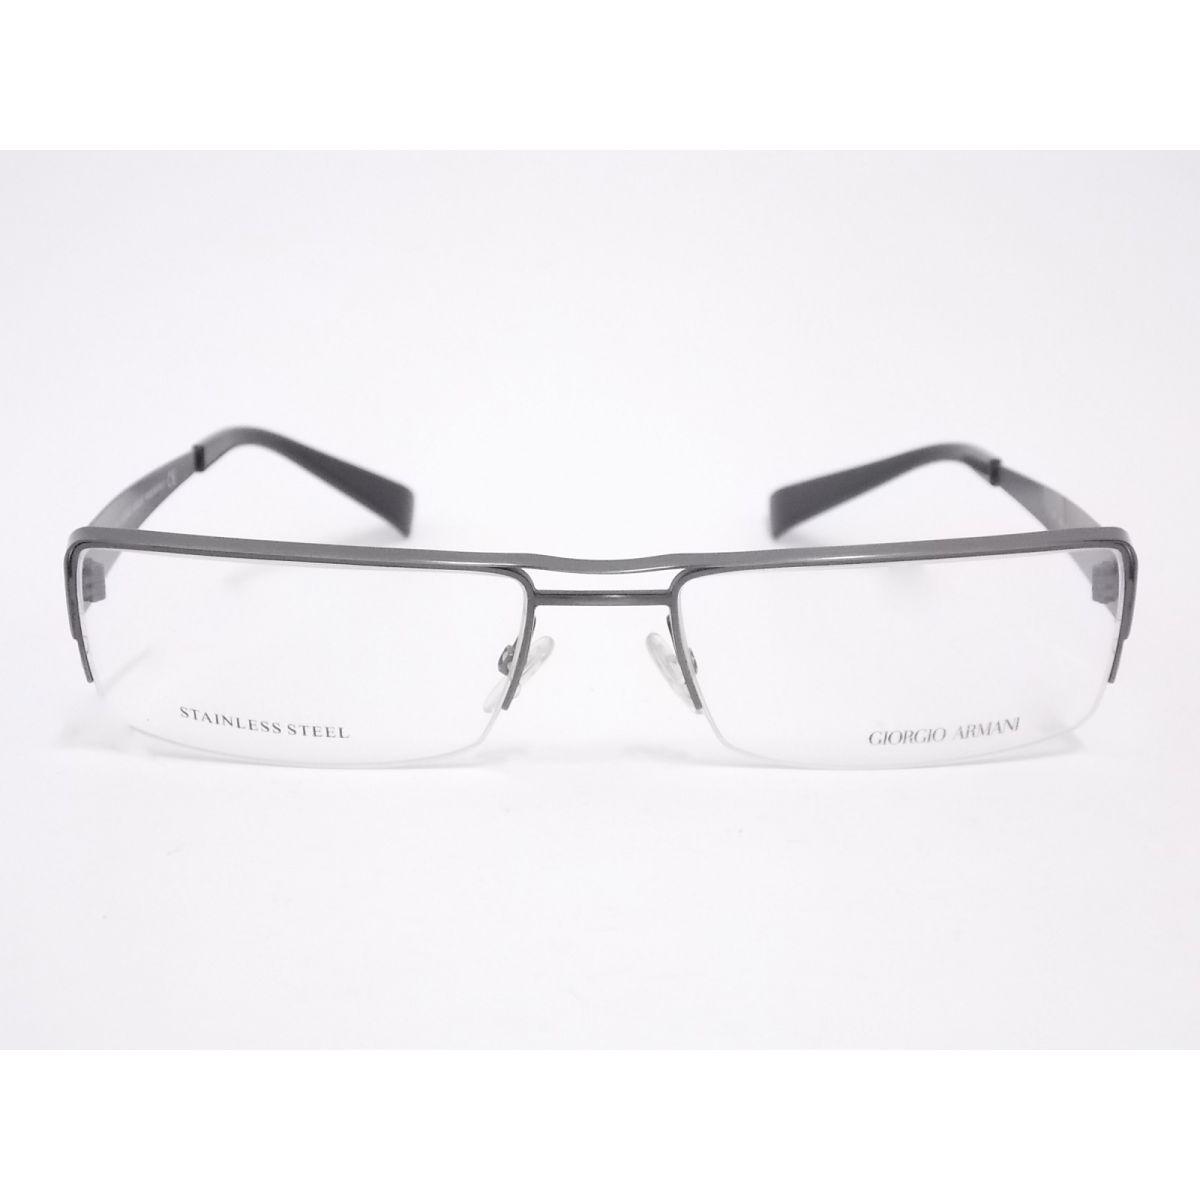 a1bfd405f5b88 Óculos de Grau Giorgio Armani 250Giorgio ArmaniPromoçãoCompra segura ...